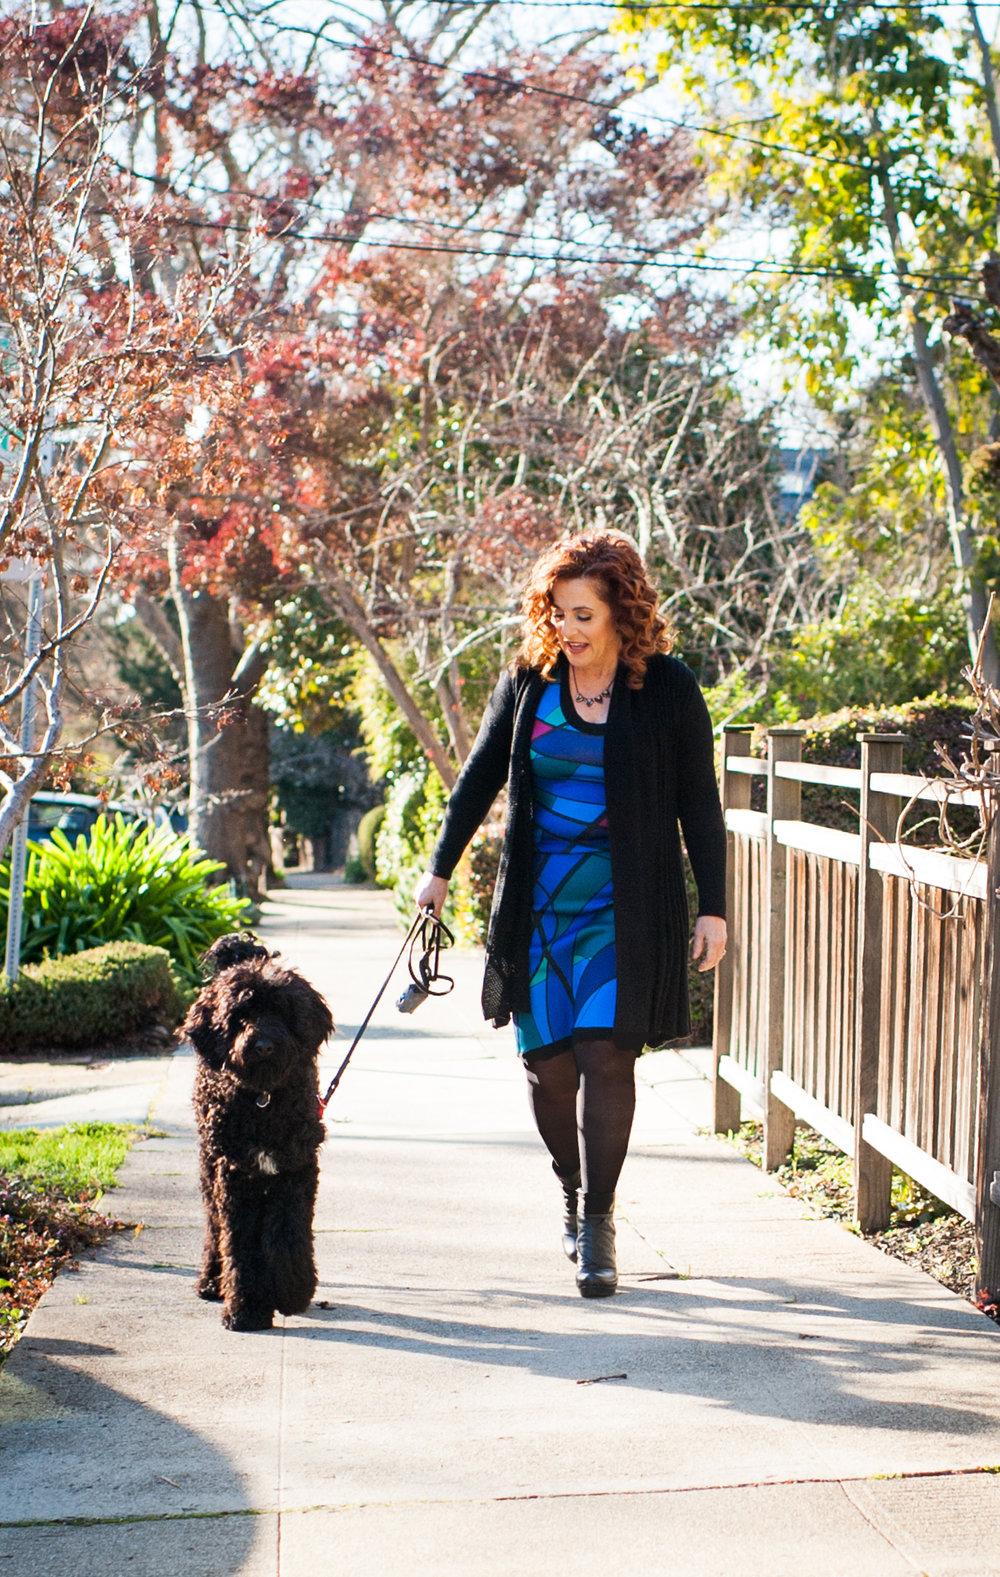 ayelet dog walking.jpg